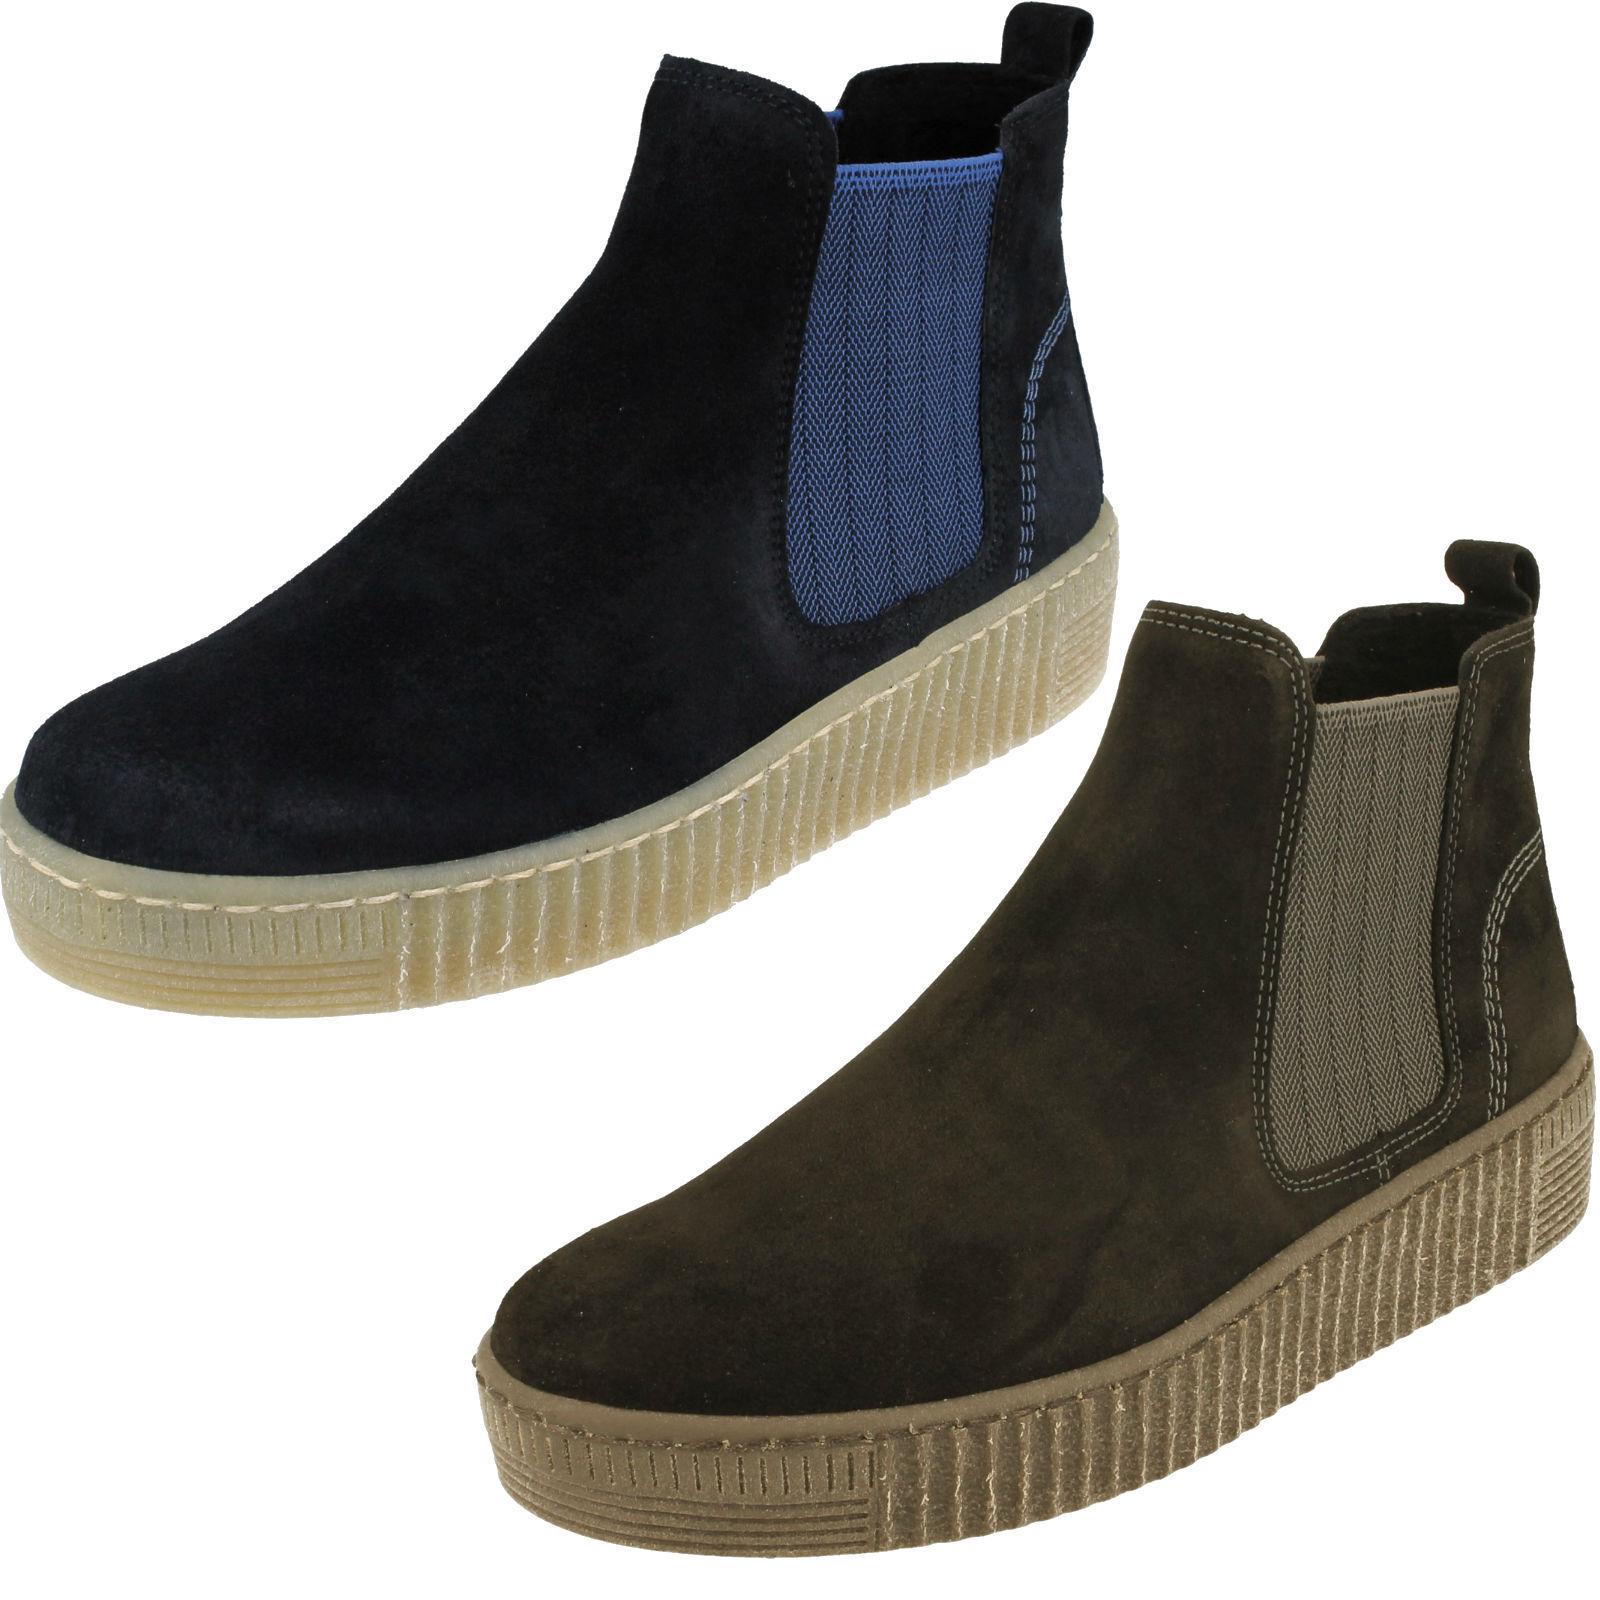 Ladies Gabor Ankle Boots - Lourdes 93731